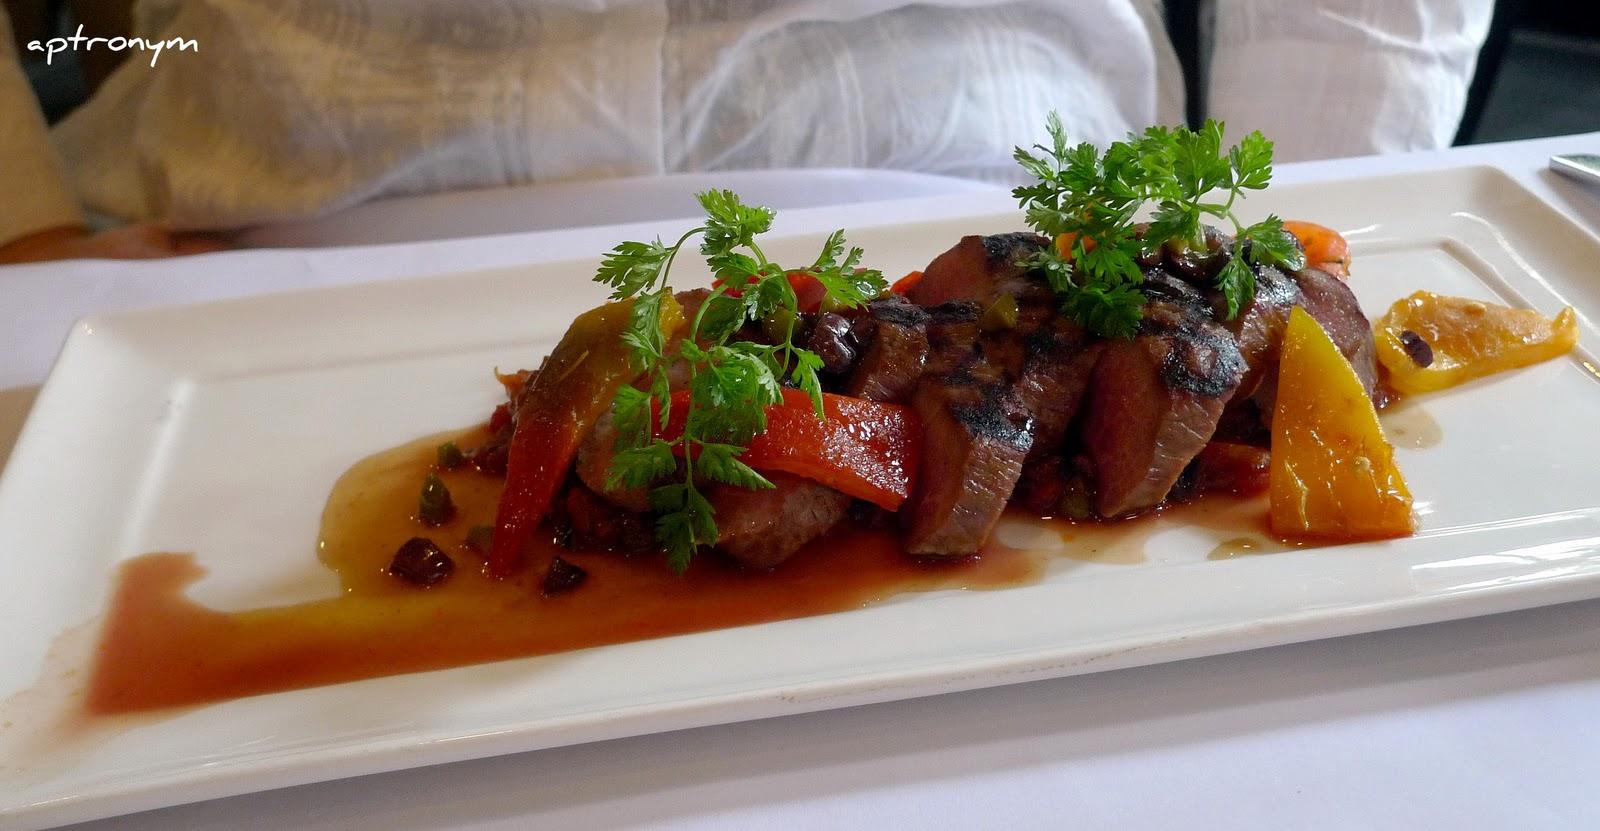 The sydney tarts verandah restaurant for Lamb jus